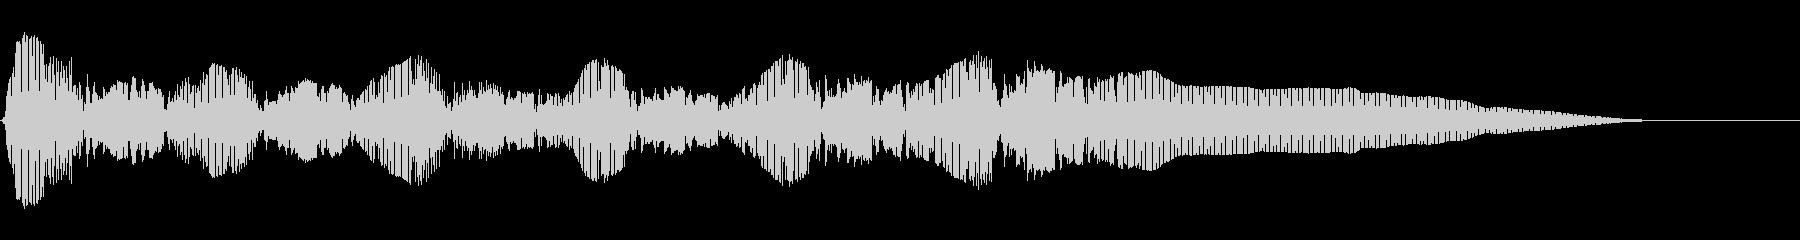 TUBA:スクランブルアクセント、...の未再生の波形